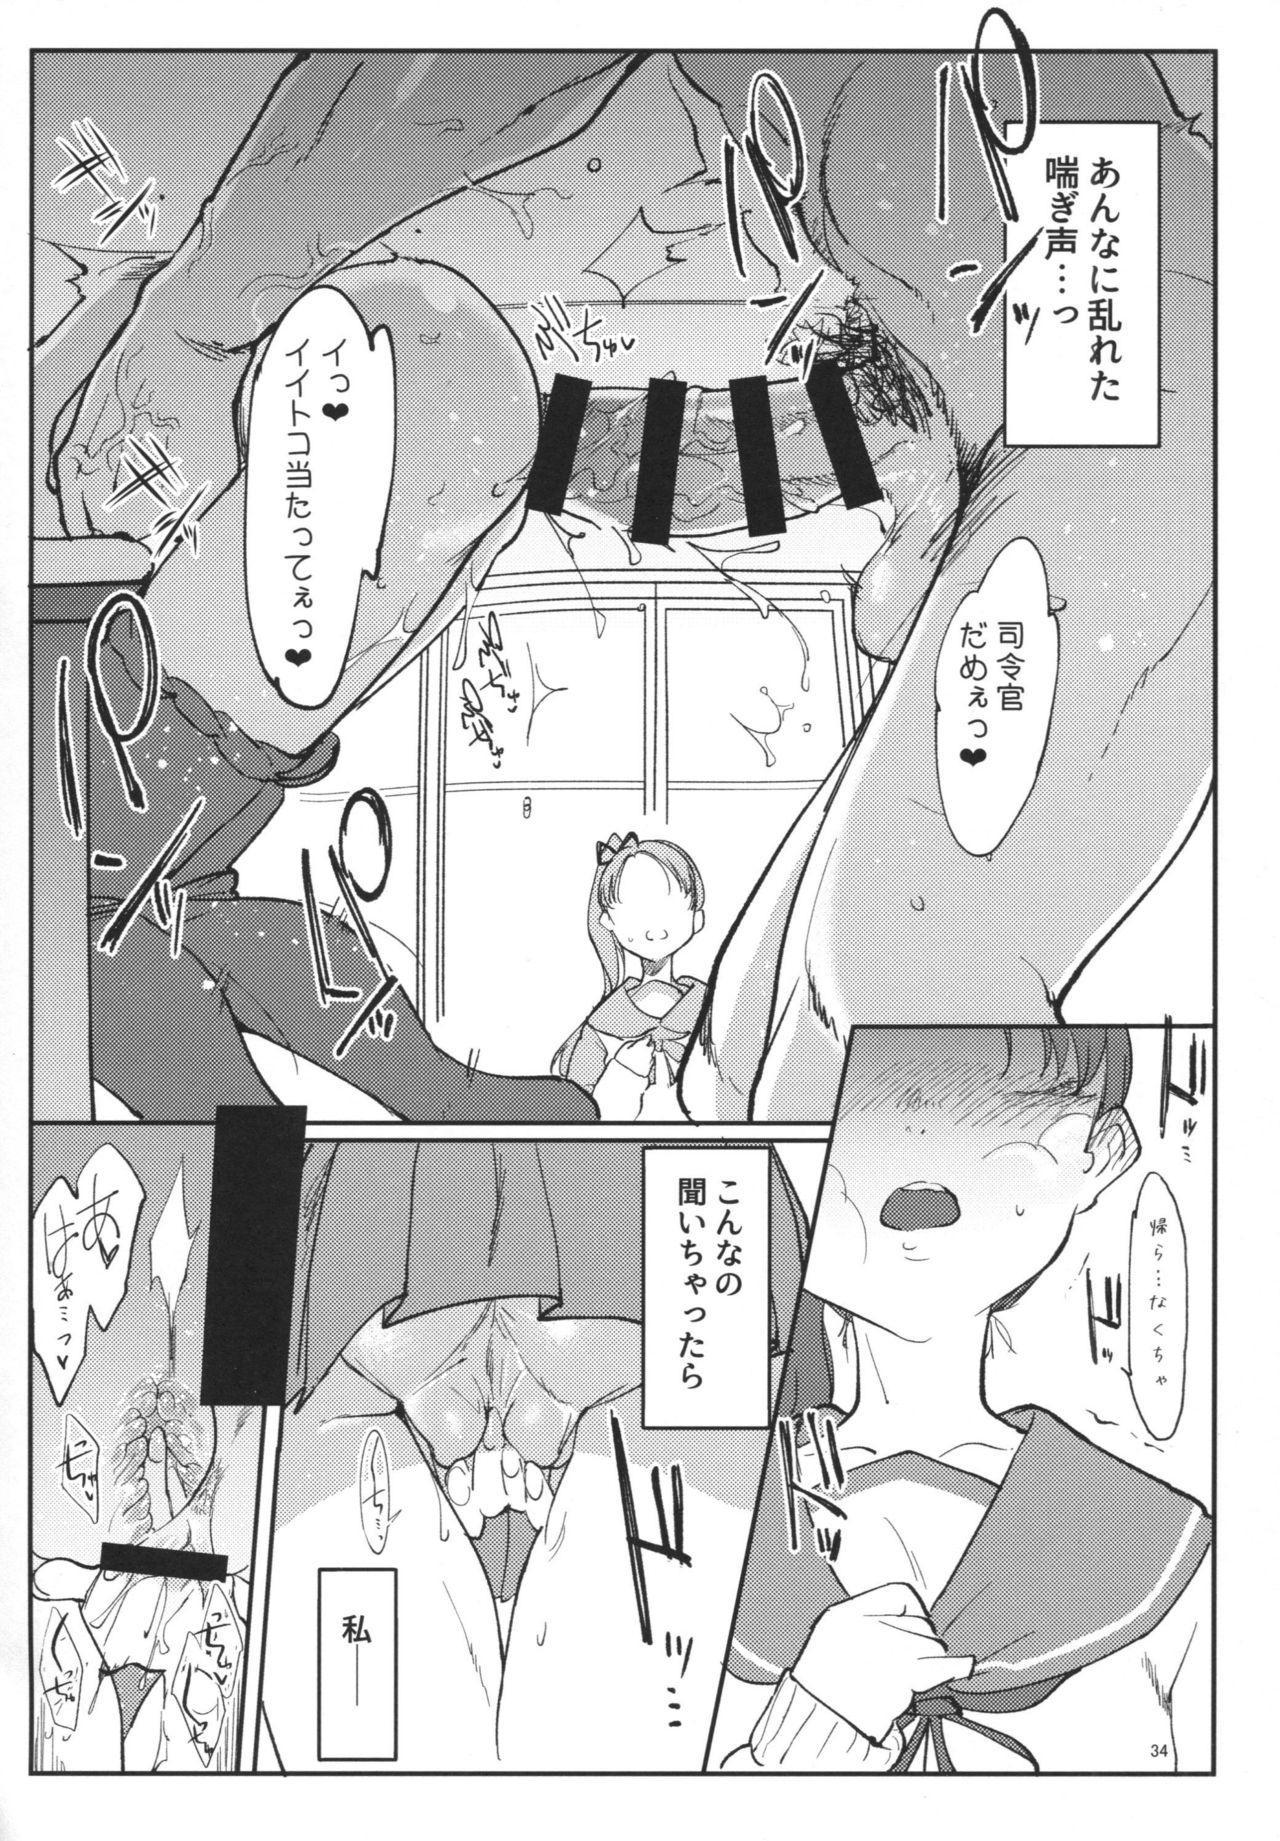 Hentai Selection 32